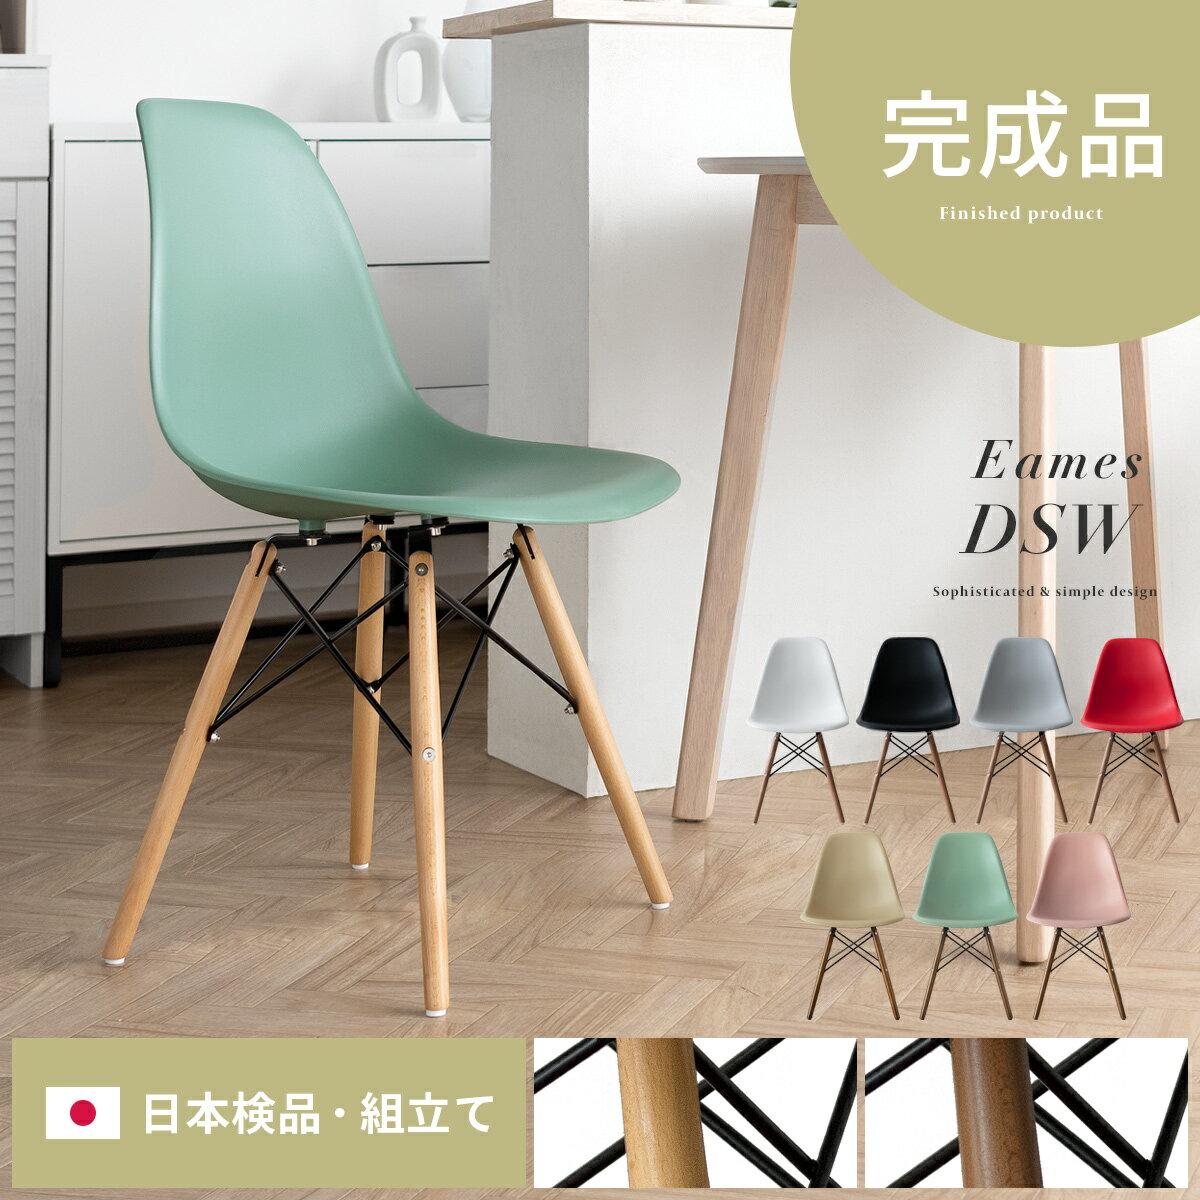 【クーポン配布中】 イームズチェア dsw チェア 完成品 木製 リプロダクト ダイニングチェア 椅子 チェアー おしゃれ Eames DSW ウッド脚デザイン ホワイト レッド ブラック オレンジ イエロー グリーン 緑 デスクチェア 北欧 シンプル ジェネリック イス パソコンチェア